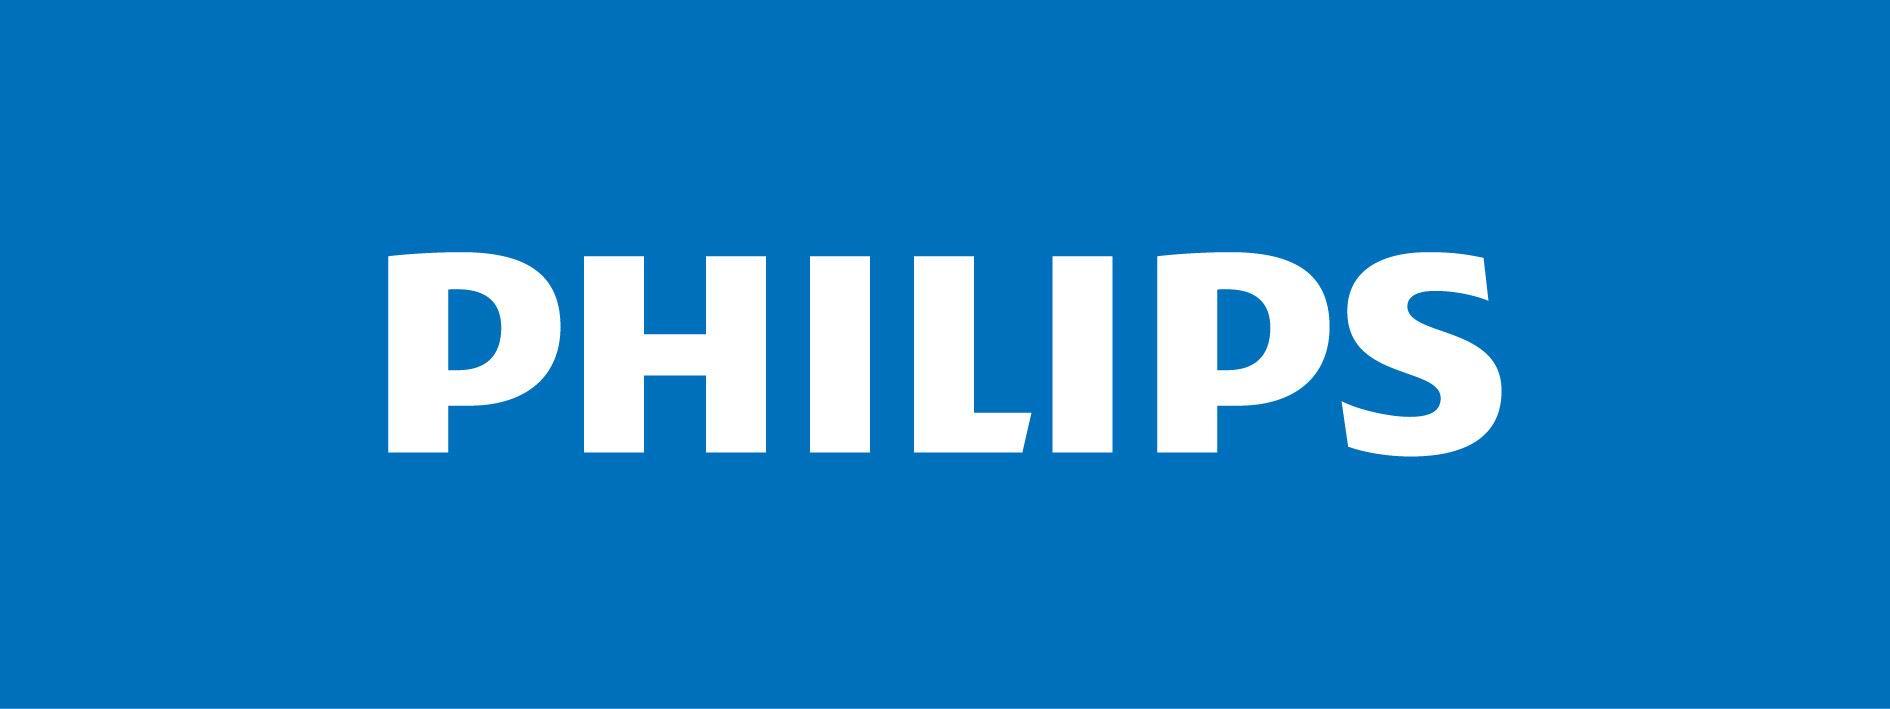 فيليبس تعلن مشاركتها في جيتكس 2014 بمجموعة كبيرة من الشاشات